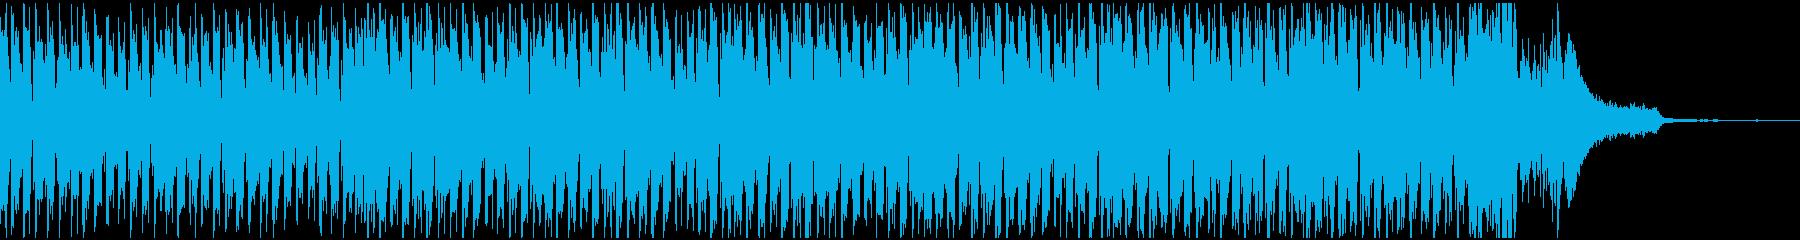 お洒落なピアノとシンセが特徴なハウスの再生済みの波形